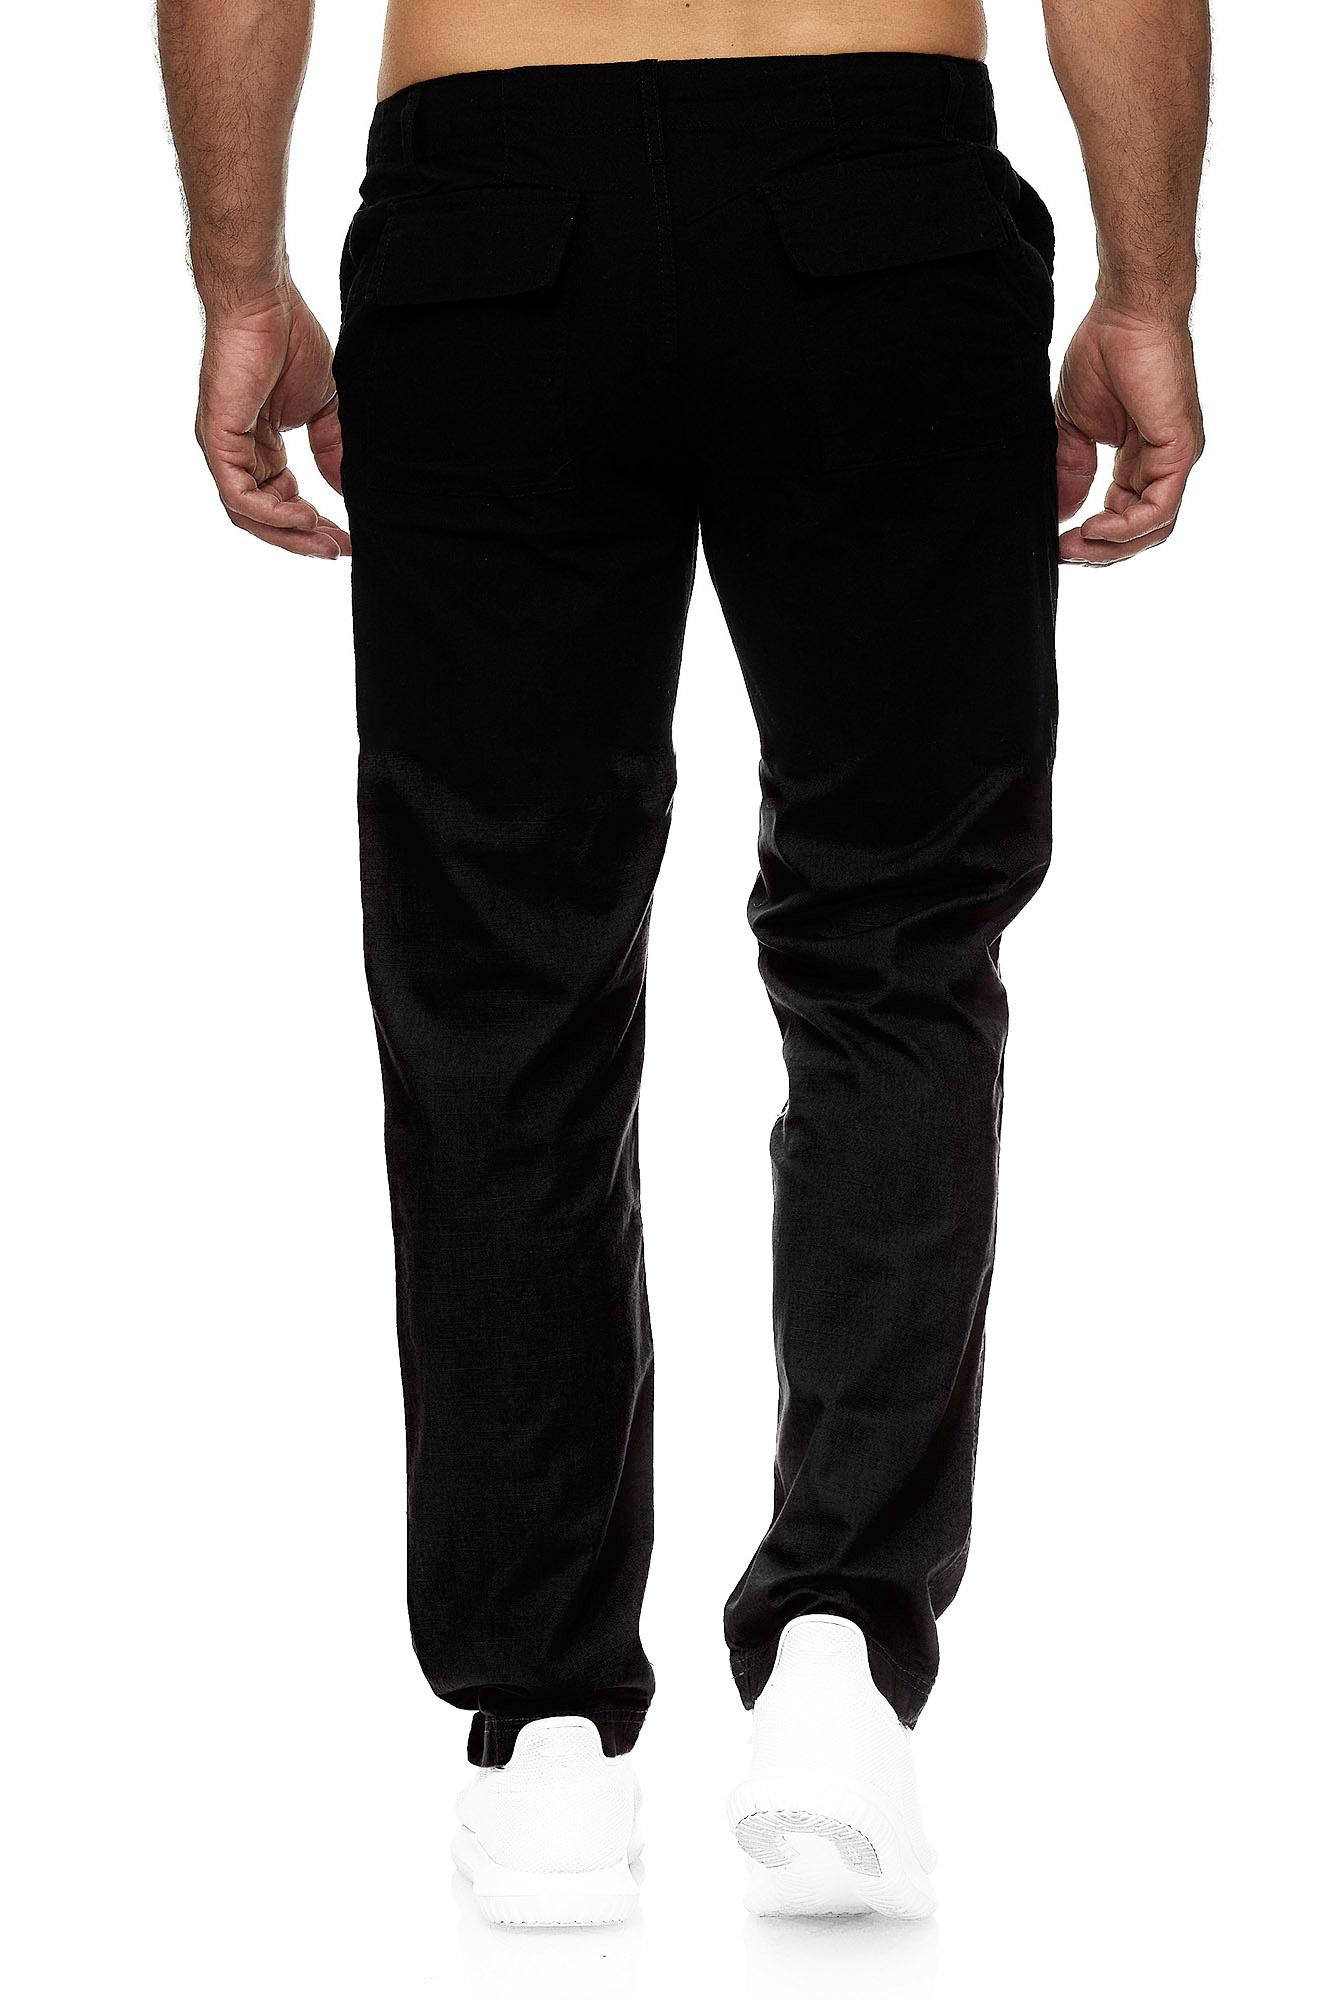 corona-caballeros style tiempo libre pantalones lino pantalones deportivos-pantalones Reslad rs-3000